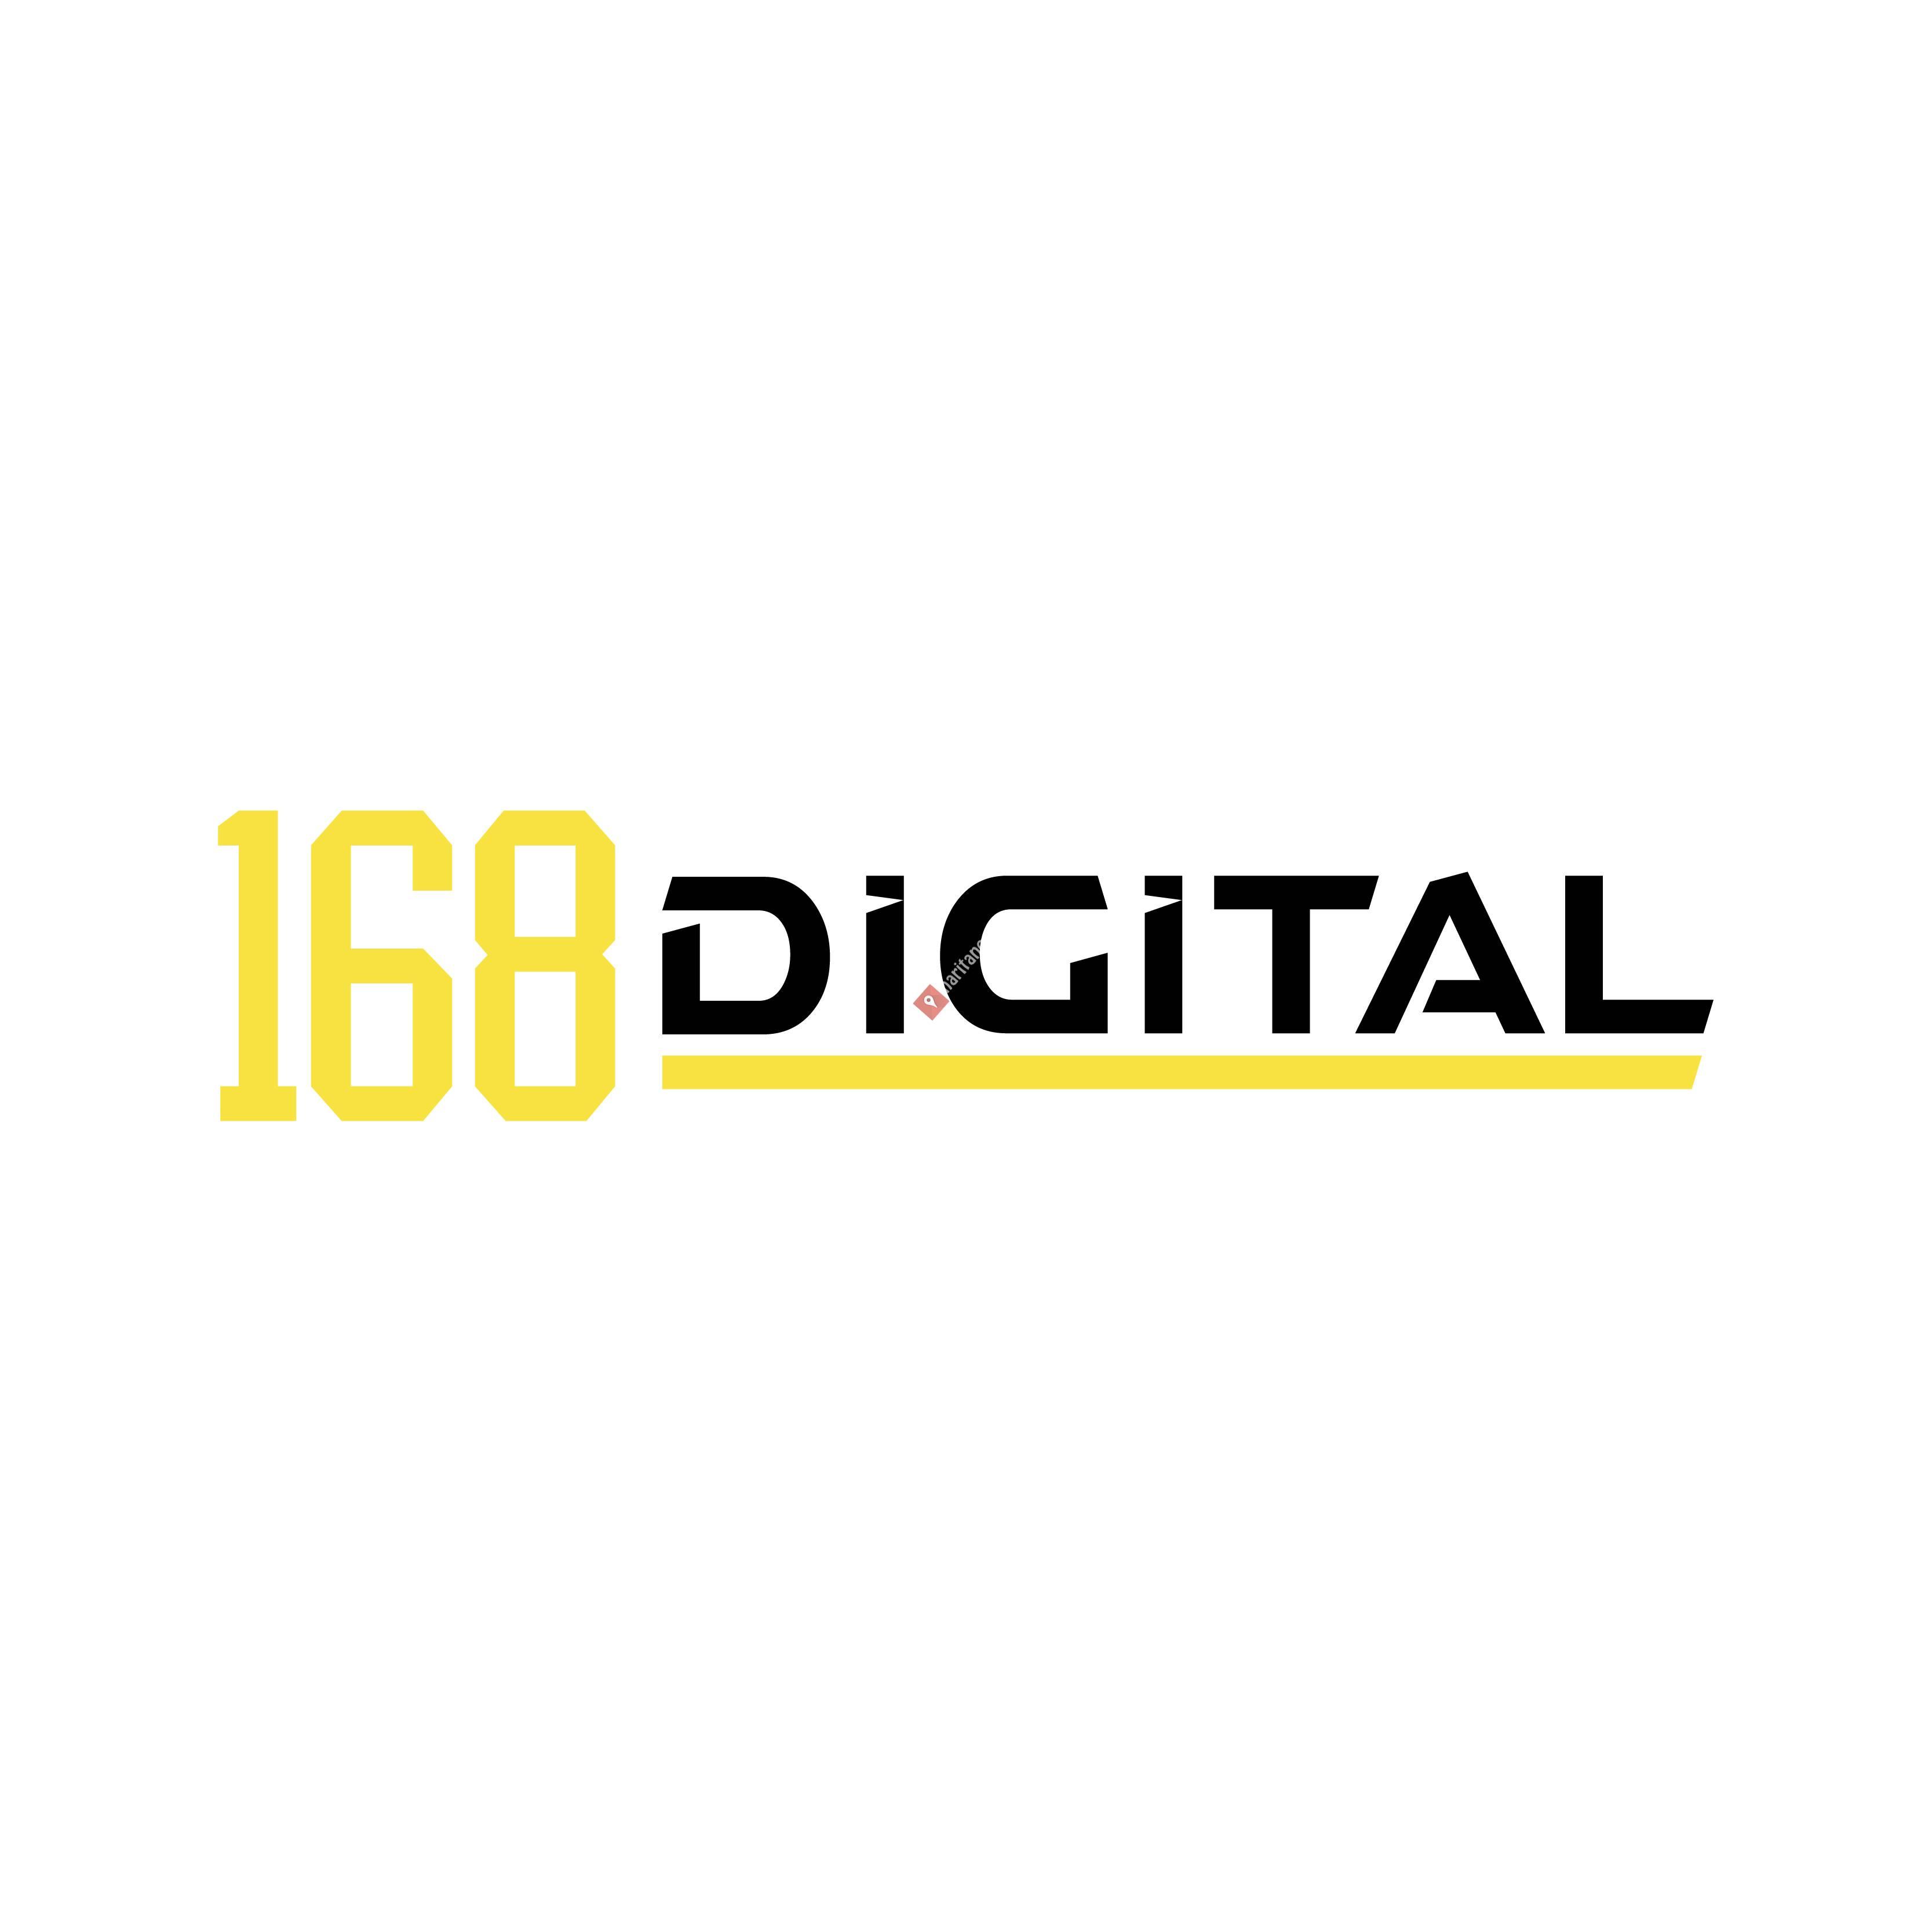 168 Digital